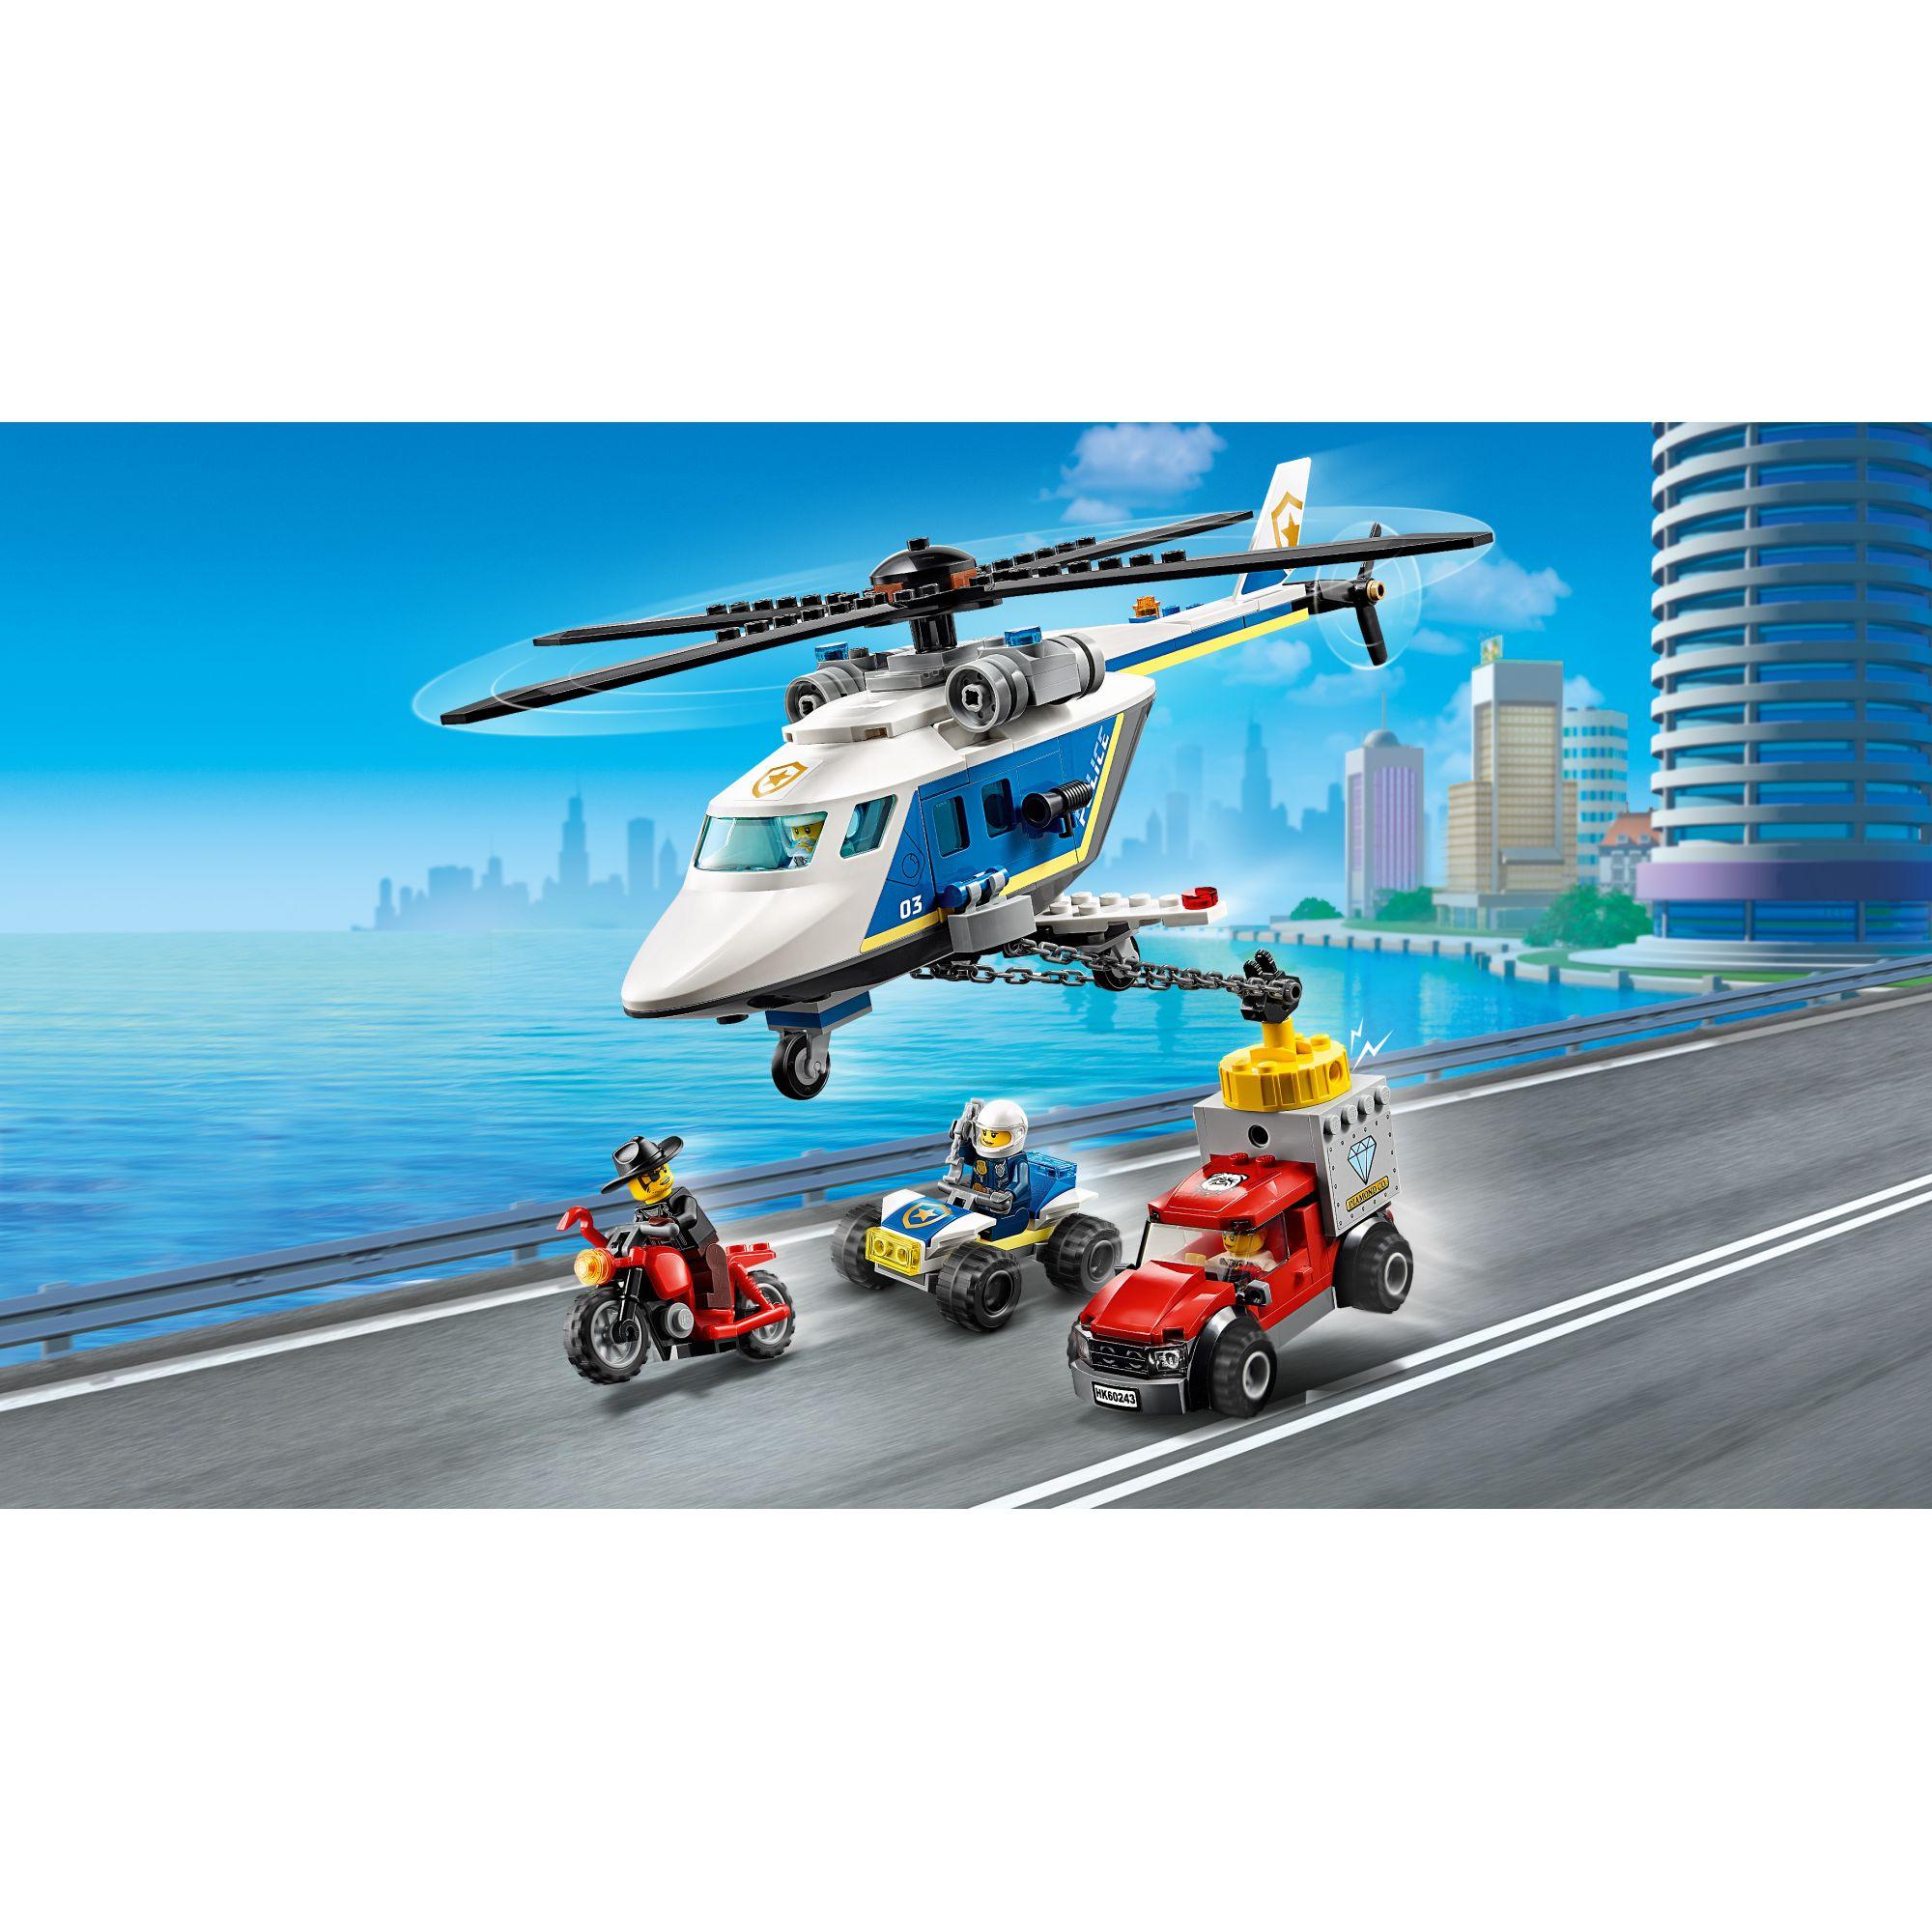 LEGO CITY  LEGO City Inseguimento sull'elicottero della polizia - 60243